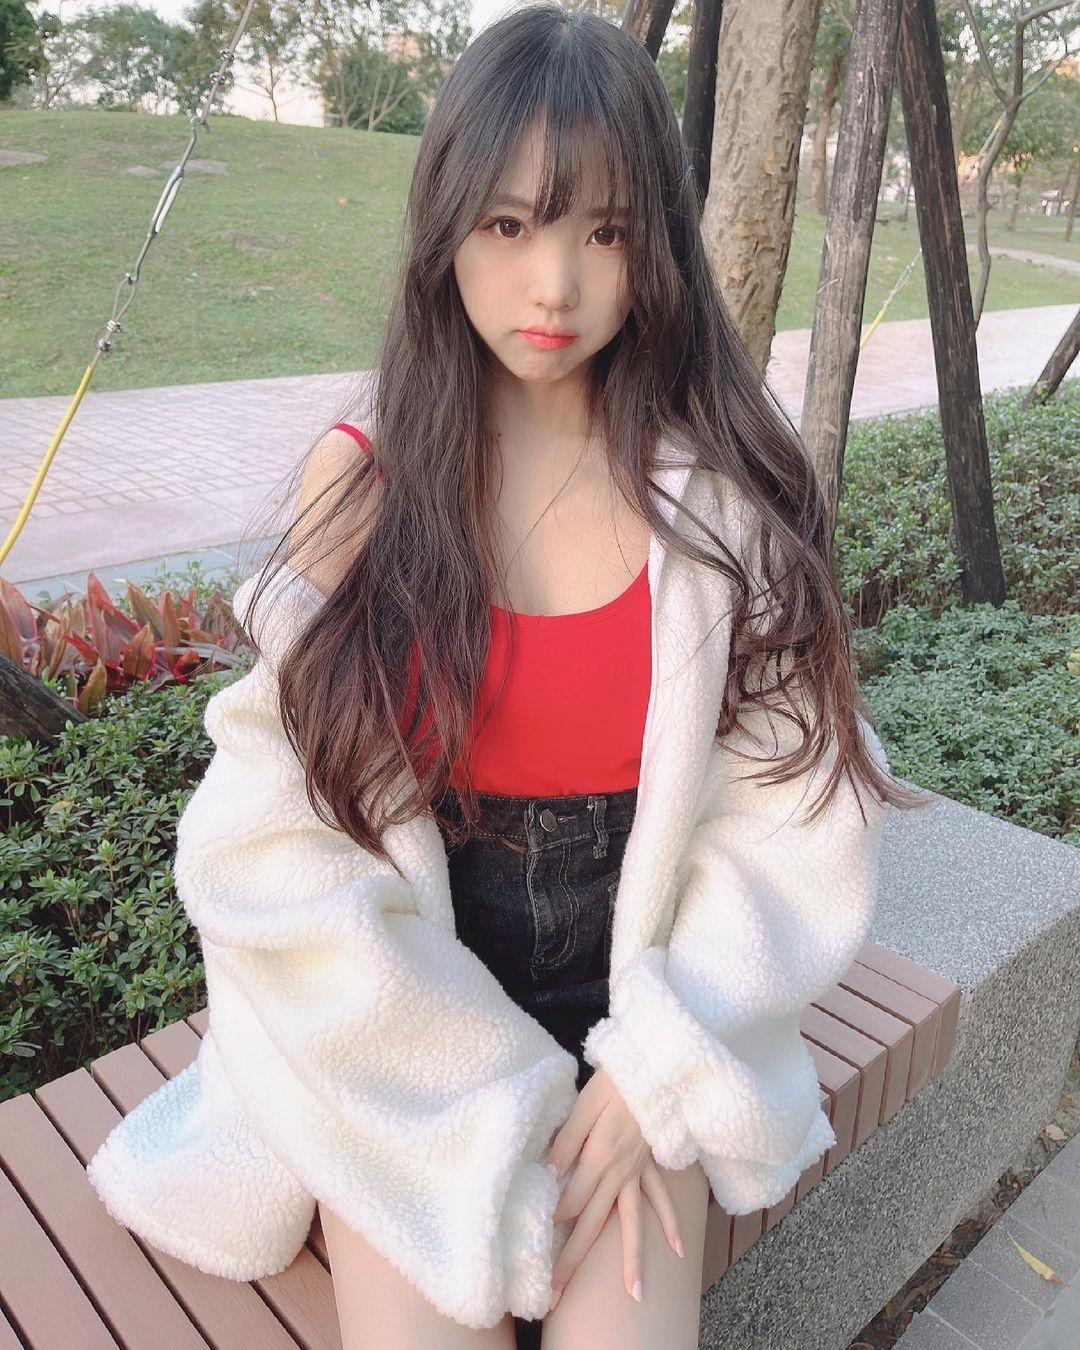 清新可爱的「软萌系美女」赵兔兔,性感旗袍小露,粉丝看到受不了. 养眼图片 第16张